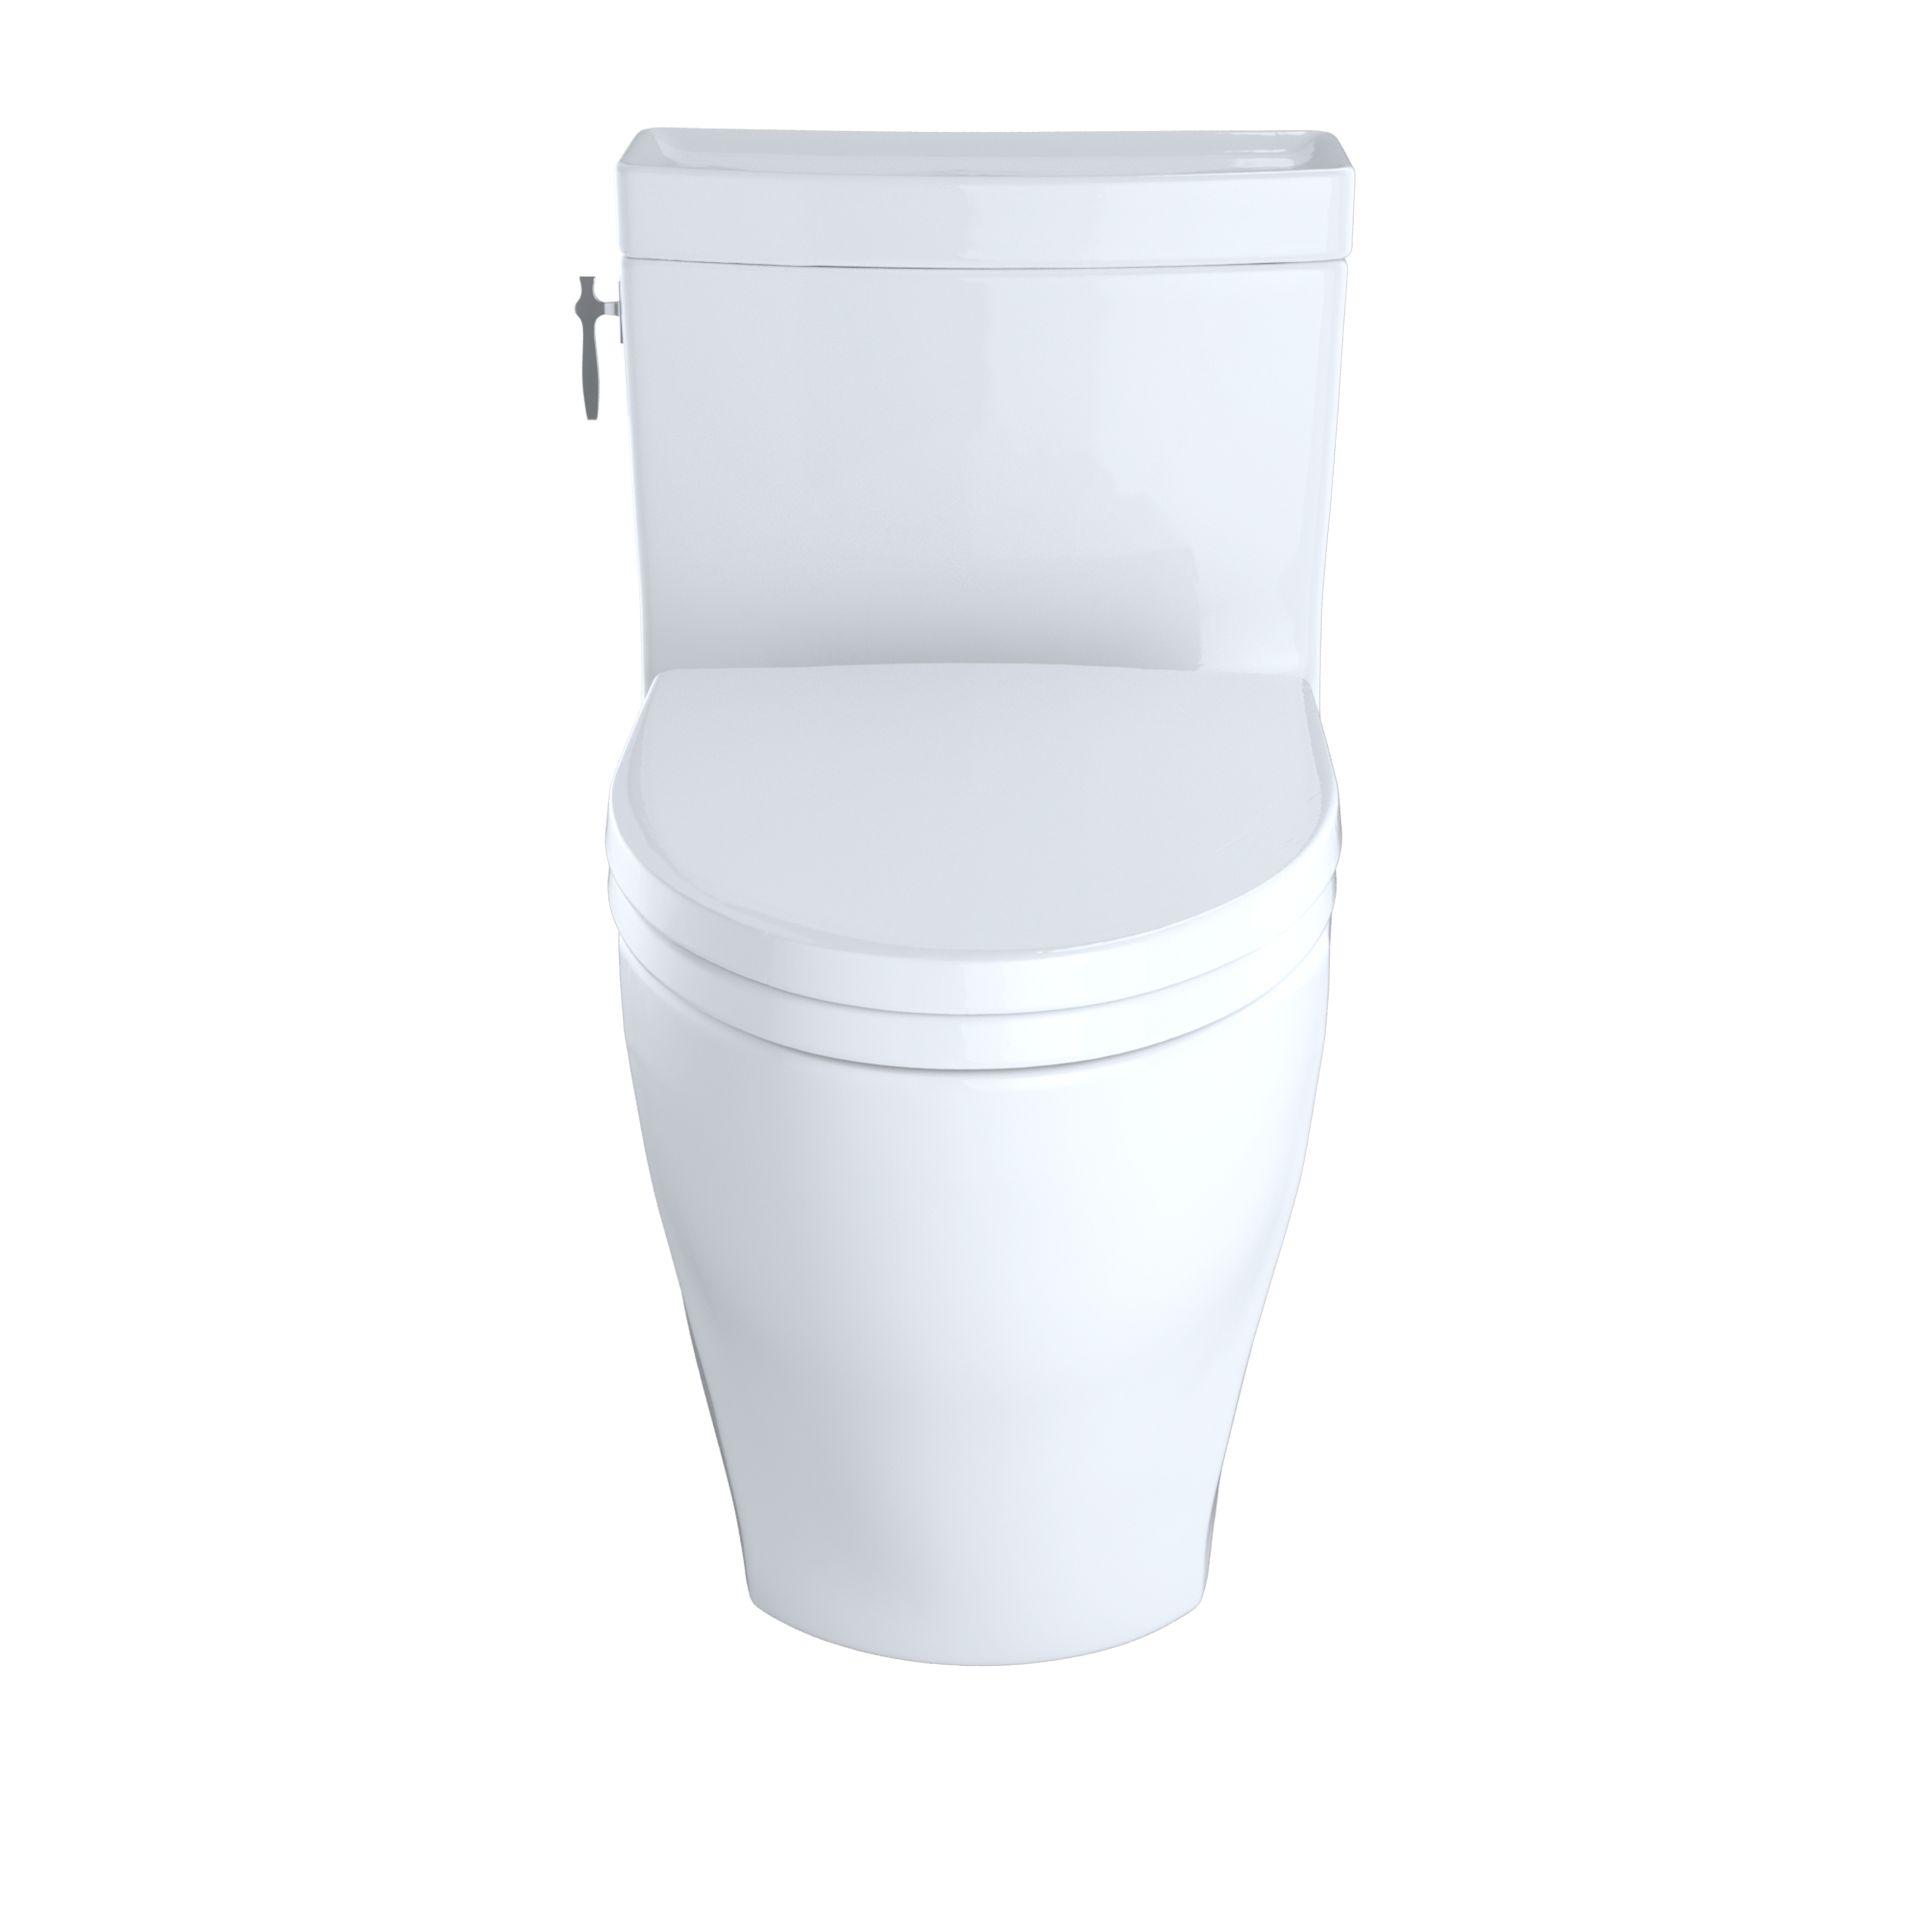 ASLW Toilette Cuvette Si/ège L/Épaississement M/énager /À LAncienne Universel De Type Uvo En R/ésine Ralentit Les Accessoires Muets@Hippocampe Transparent,Si/ège De Toilette